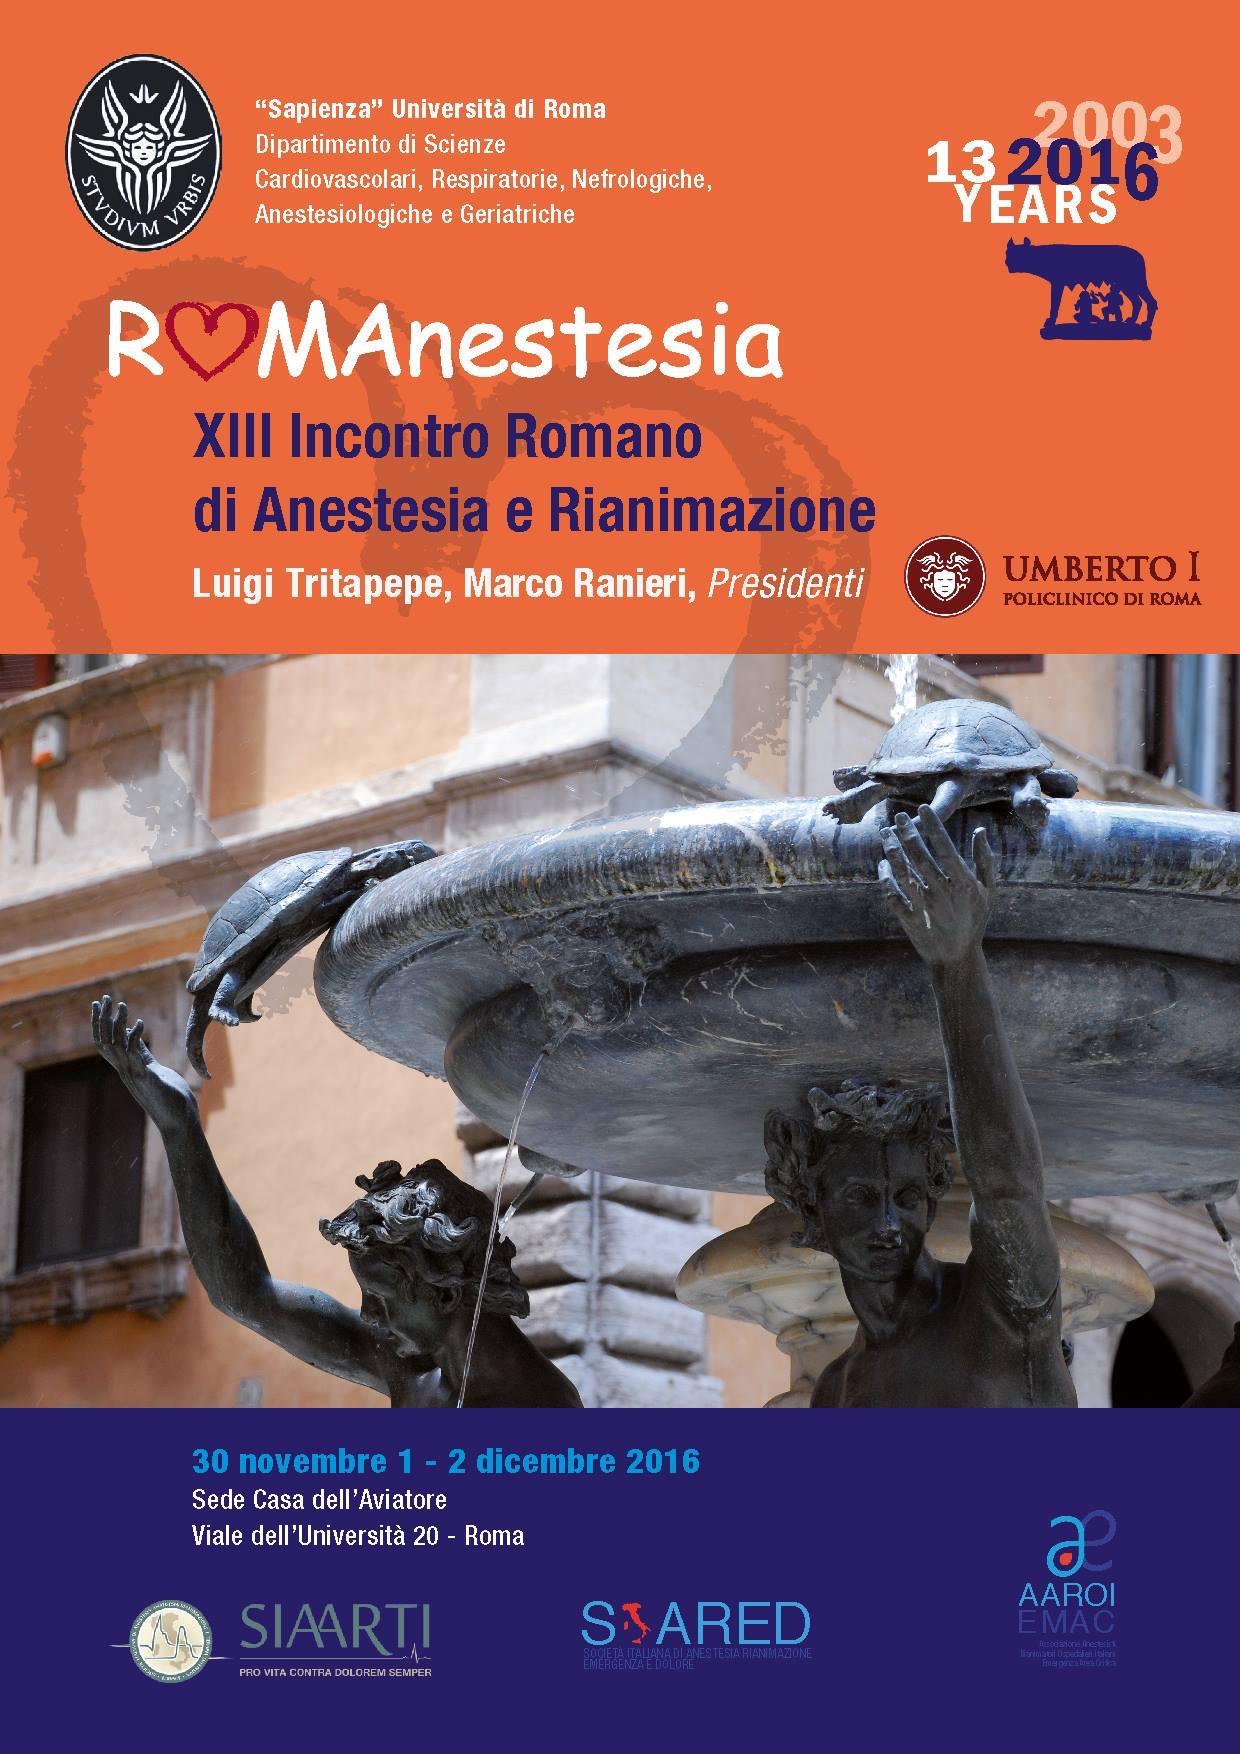 RomAnestesia 2016 , Roma, Casa dell'Aviatore, 30/11_1-2/12/2016